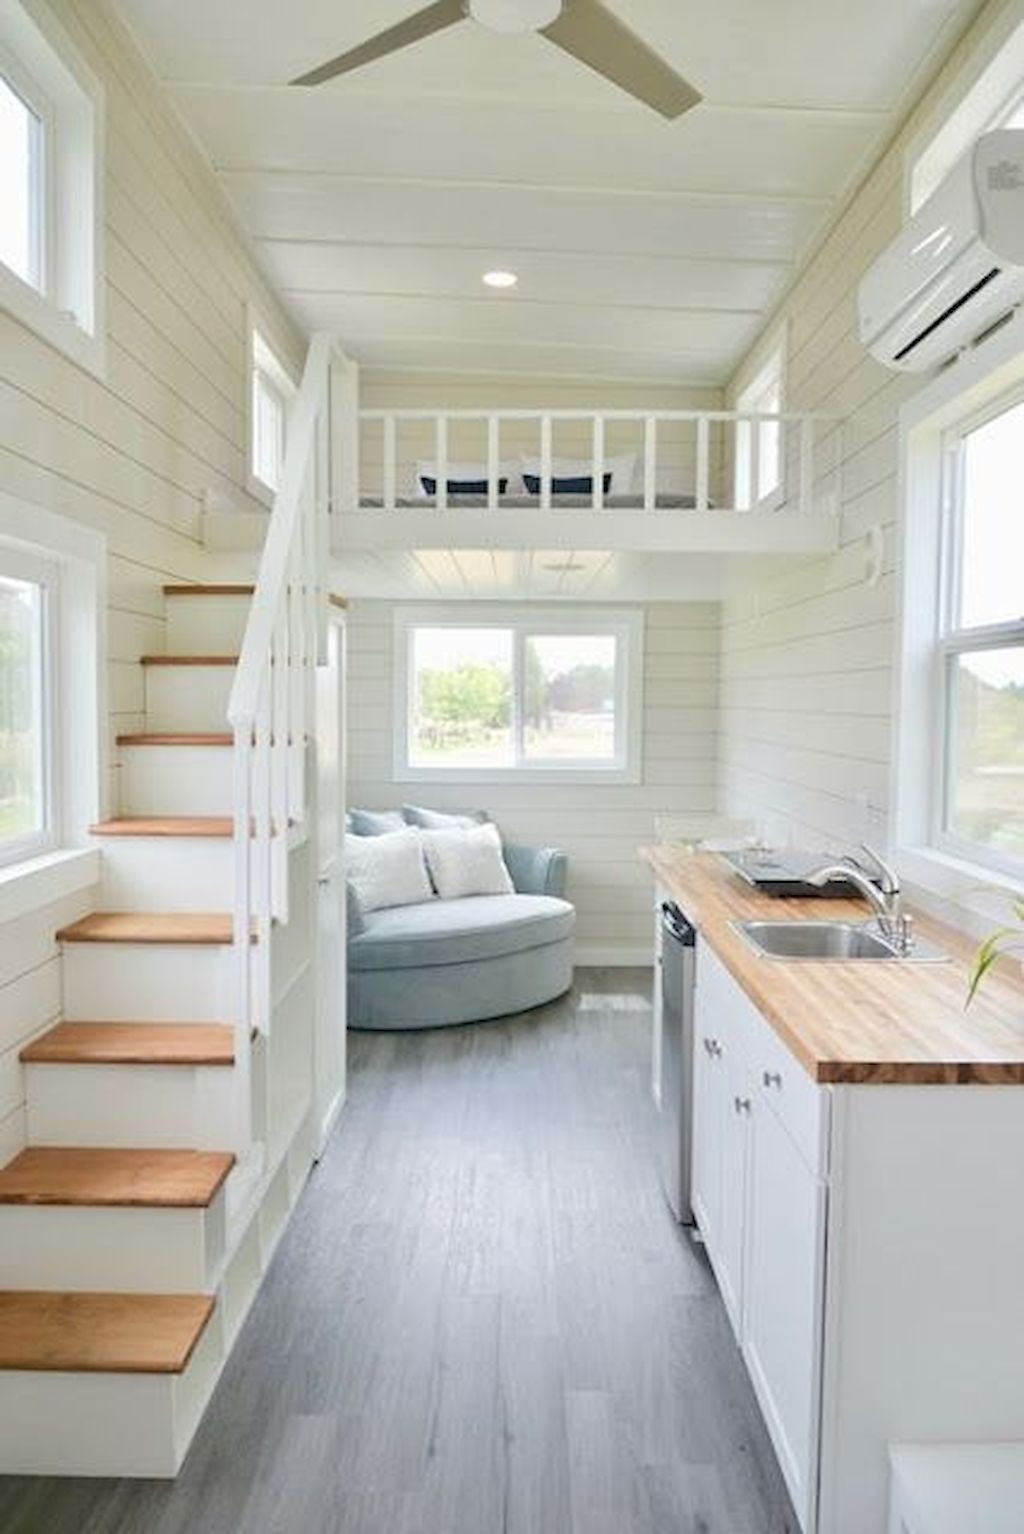 70 Cool Tiny House Interior Design Ideas – pickndecor.com/design